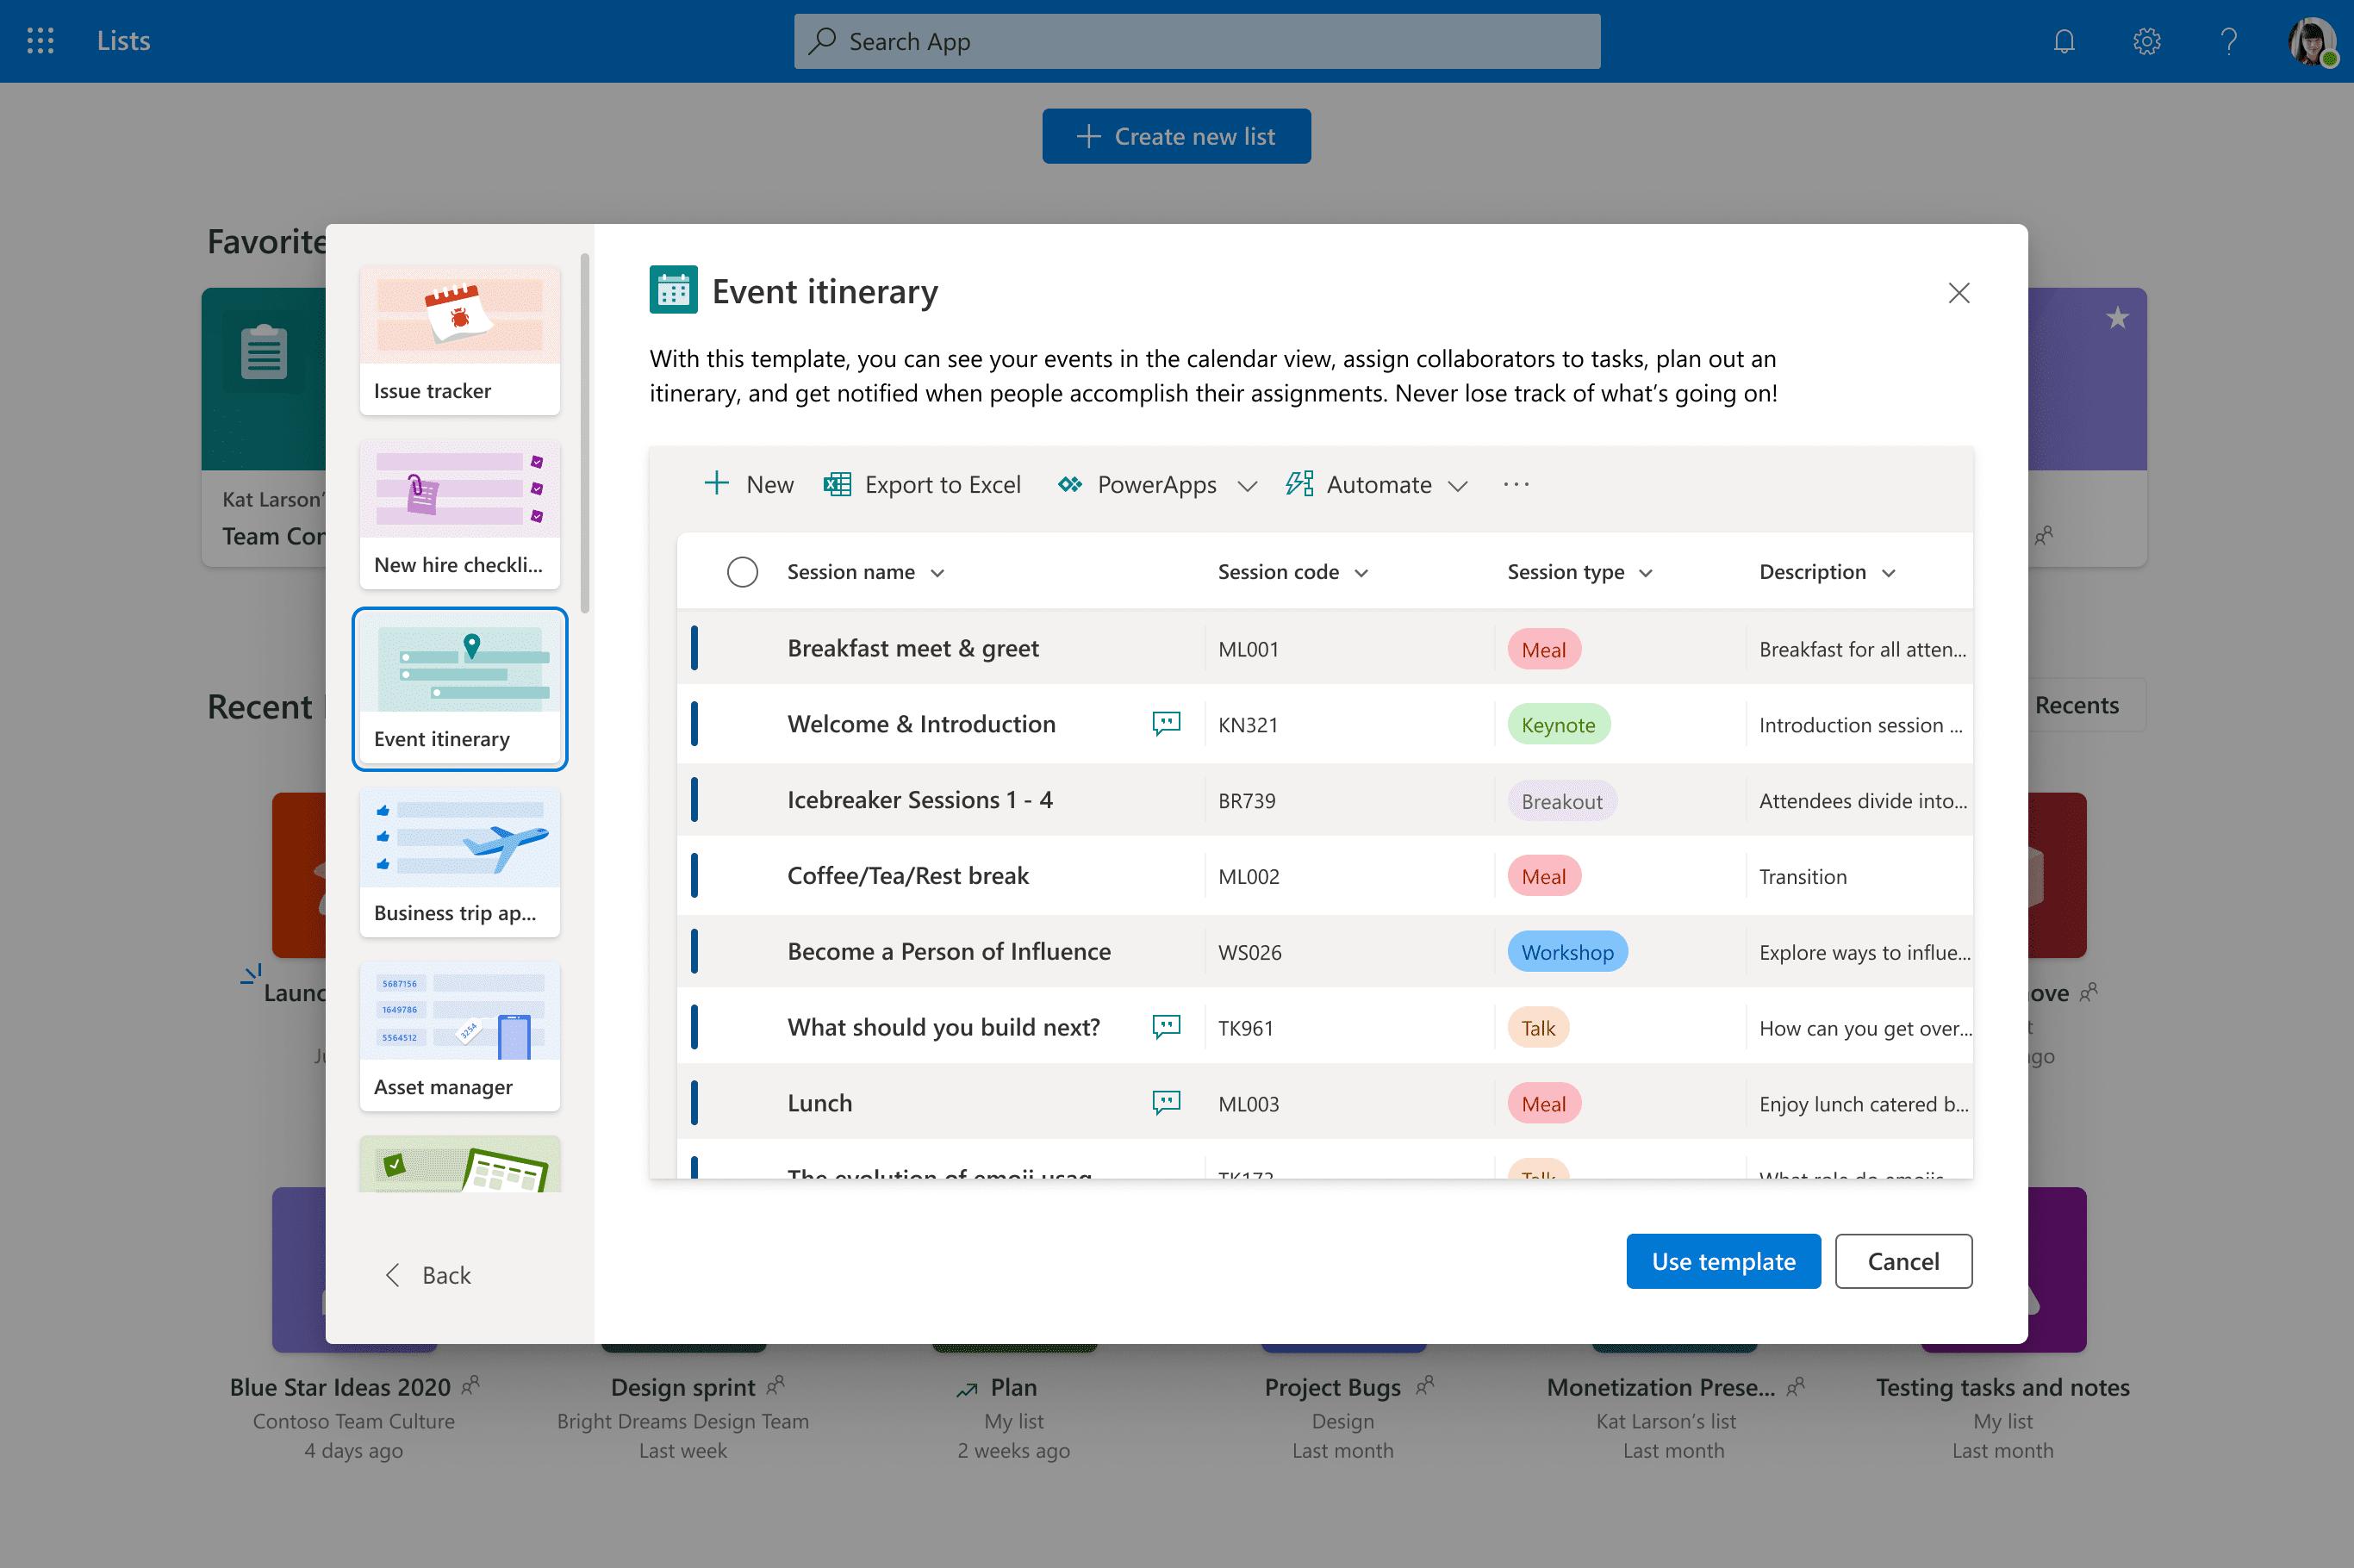 Creación de una nueva lista con Microsoft Lists